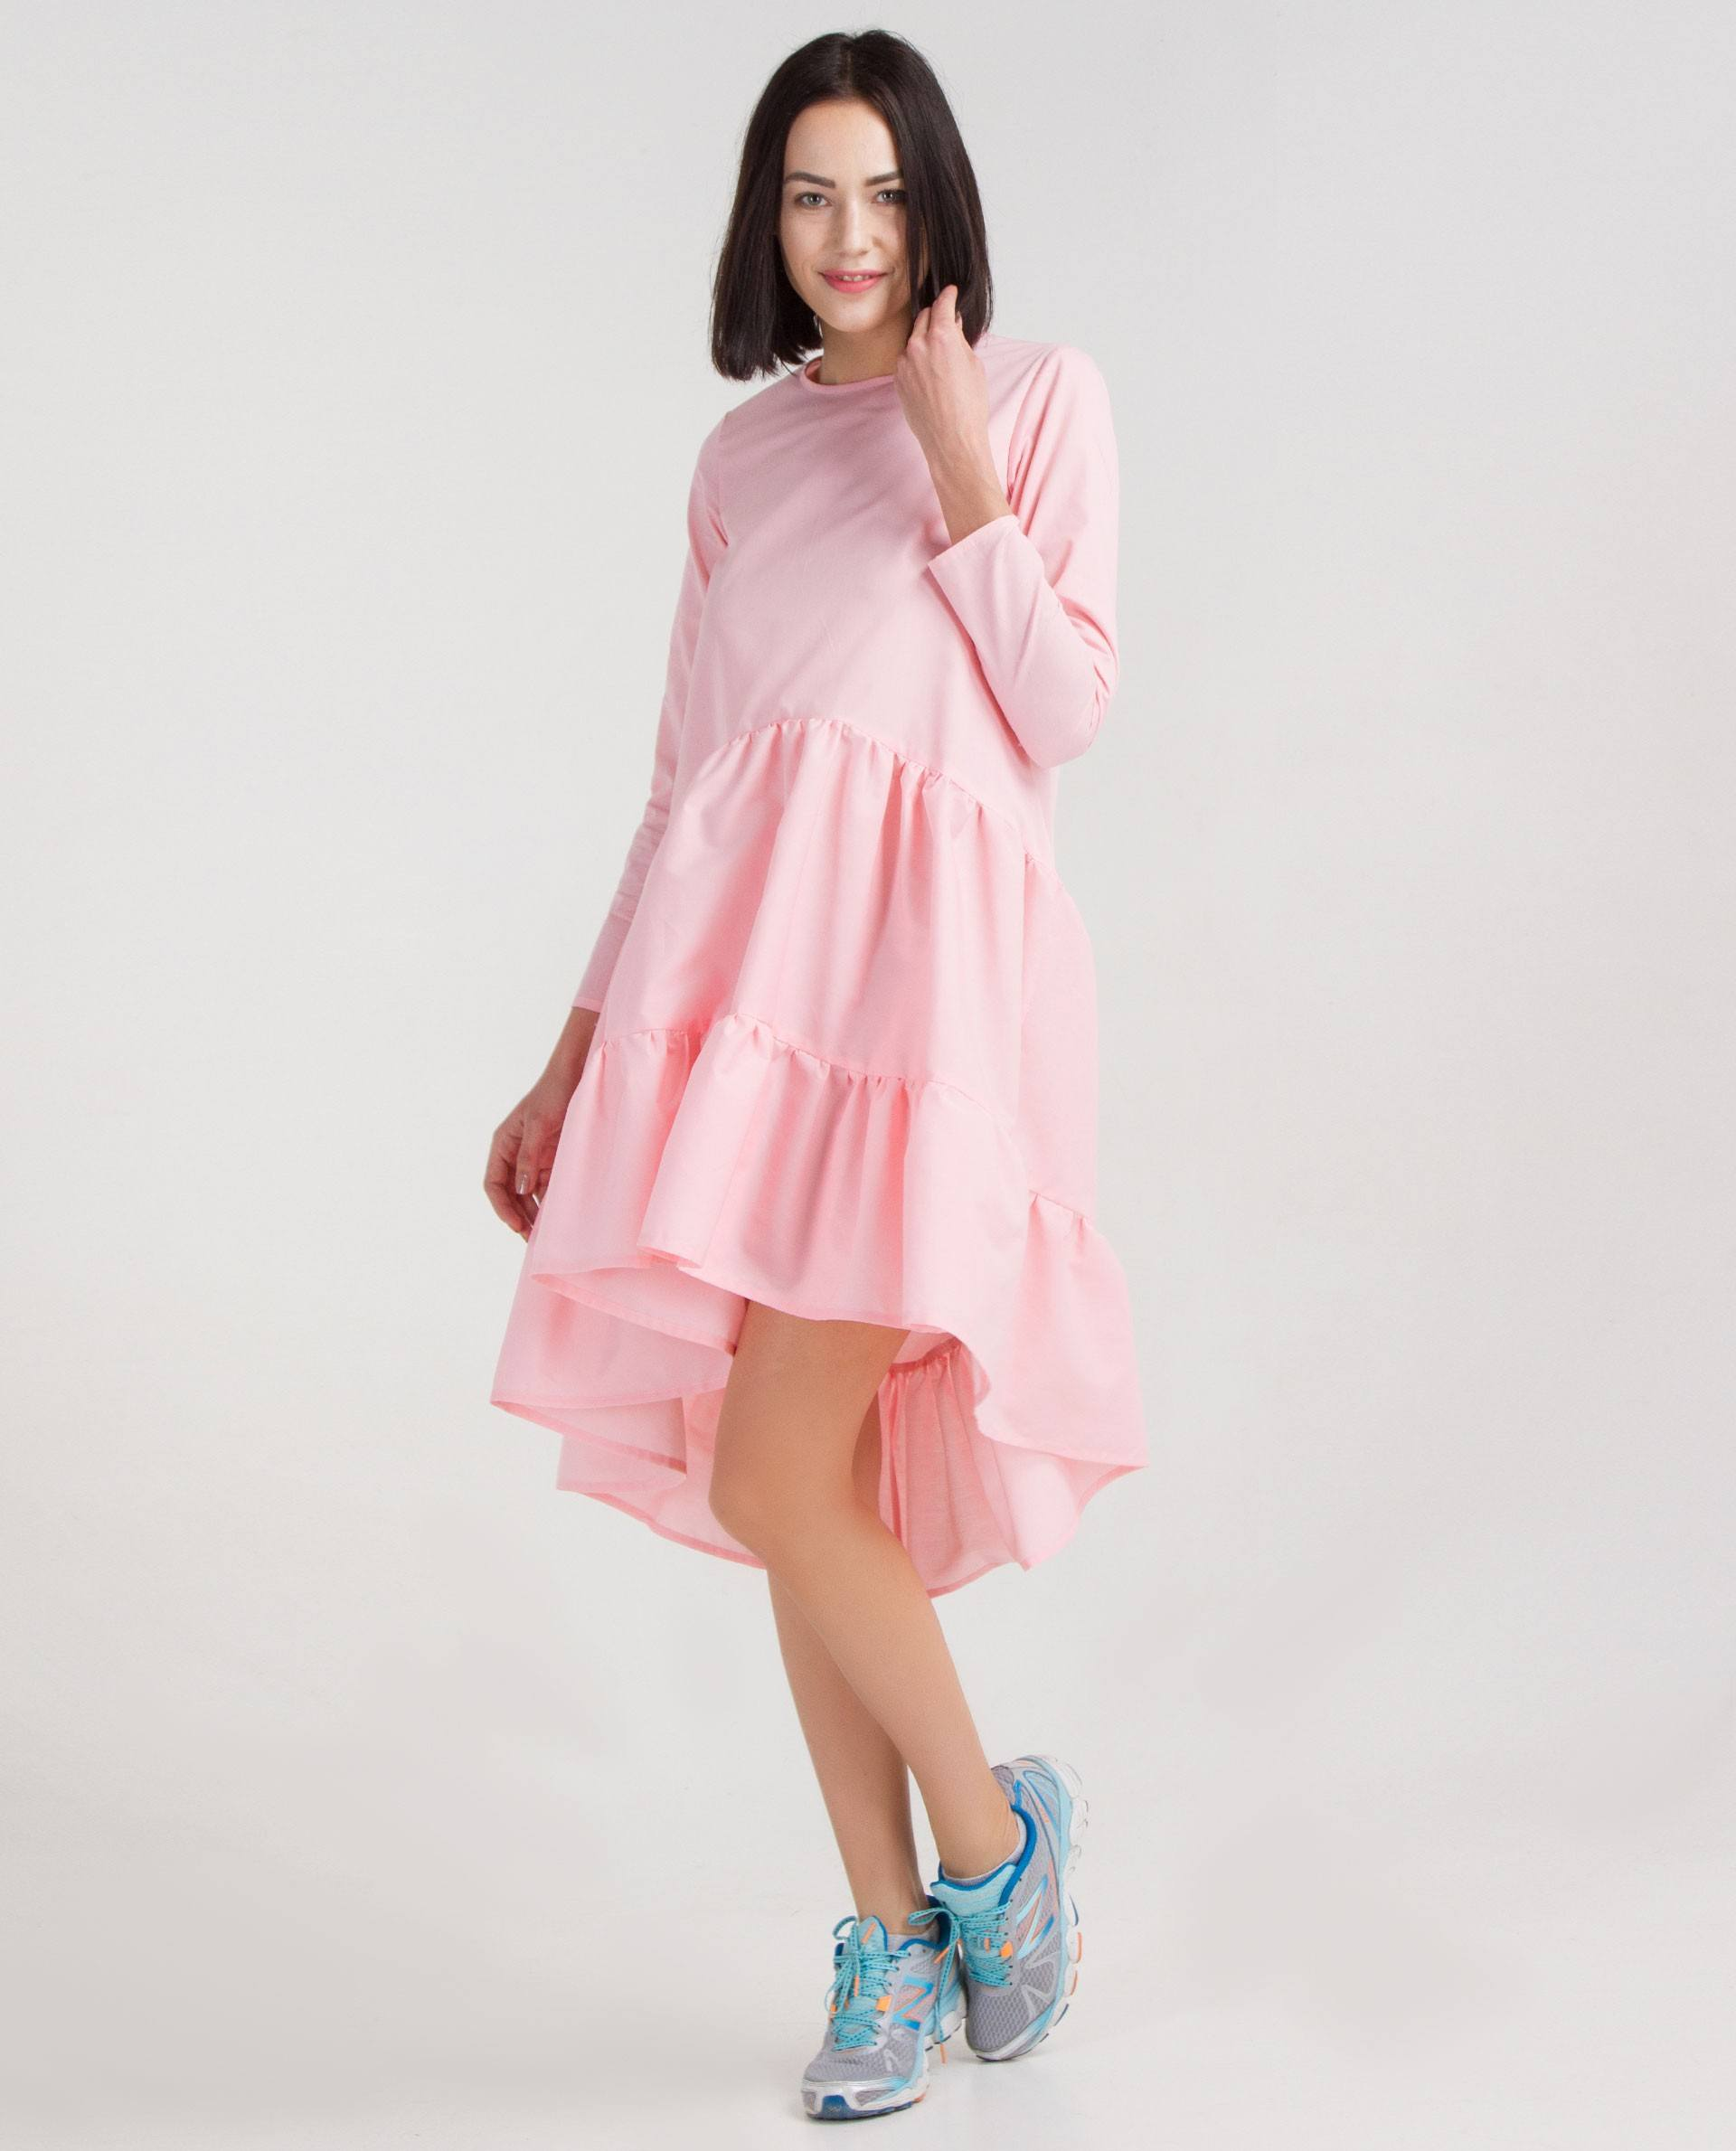 кроме модные широкие платья фото с рюшками нередко попадается многочисленных